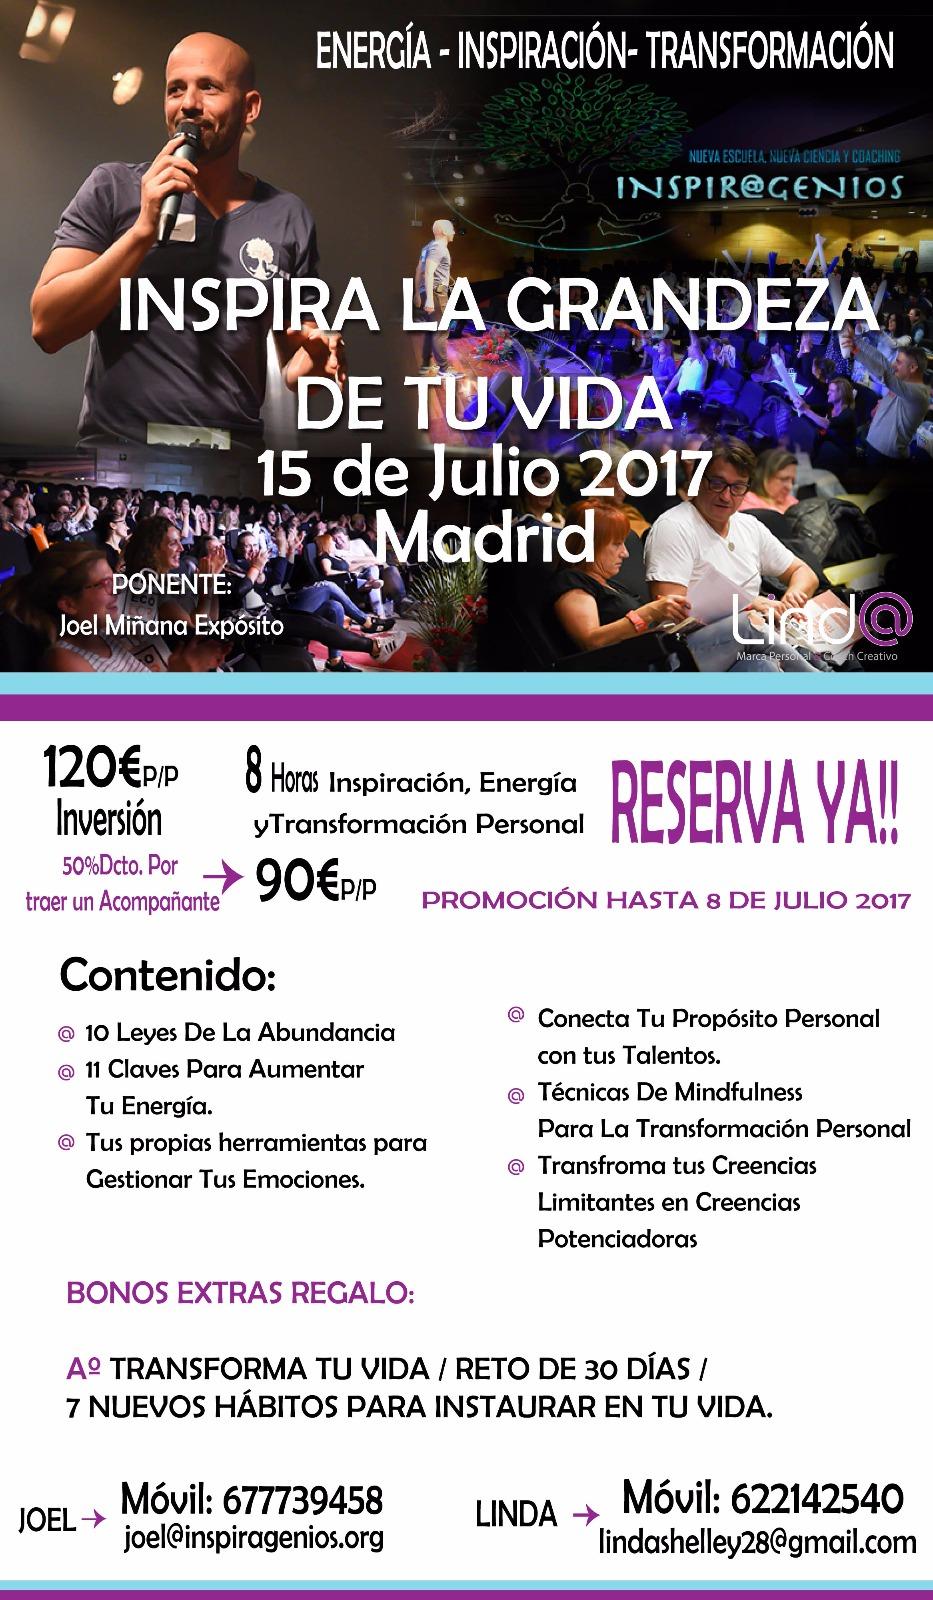 ¡ INSPIRA LA GRANDEZA DE TU VIDA ! MADRID 15 DE JULIO